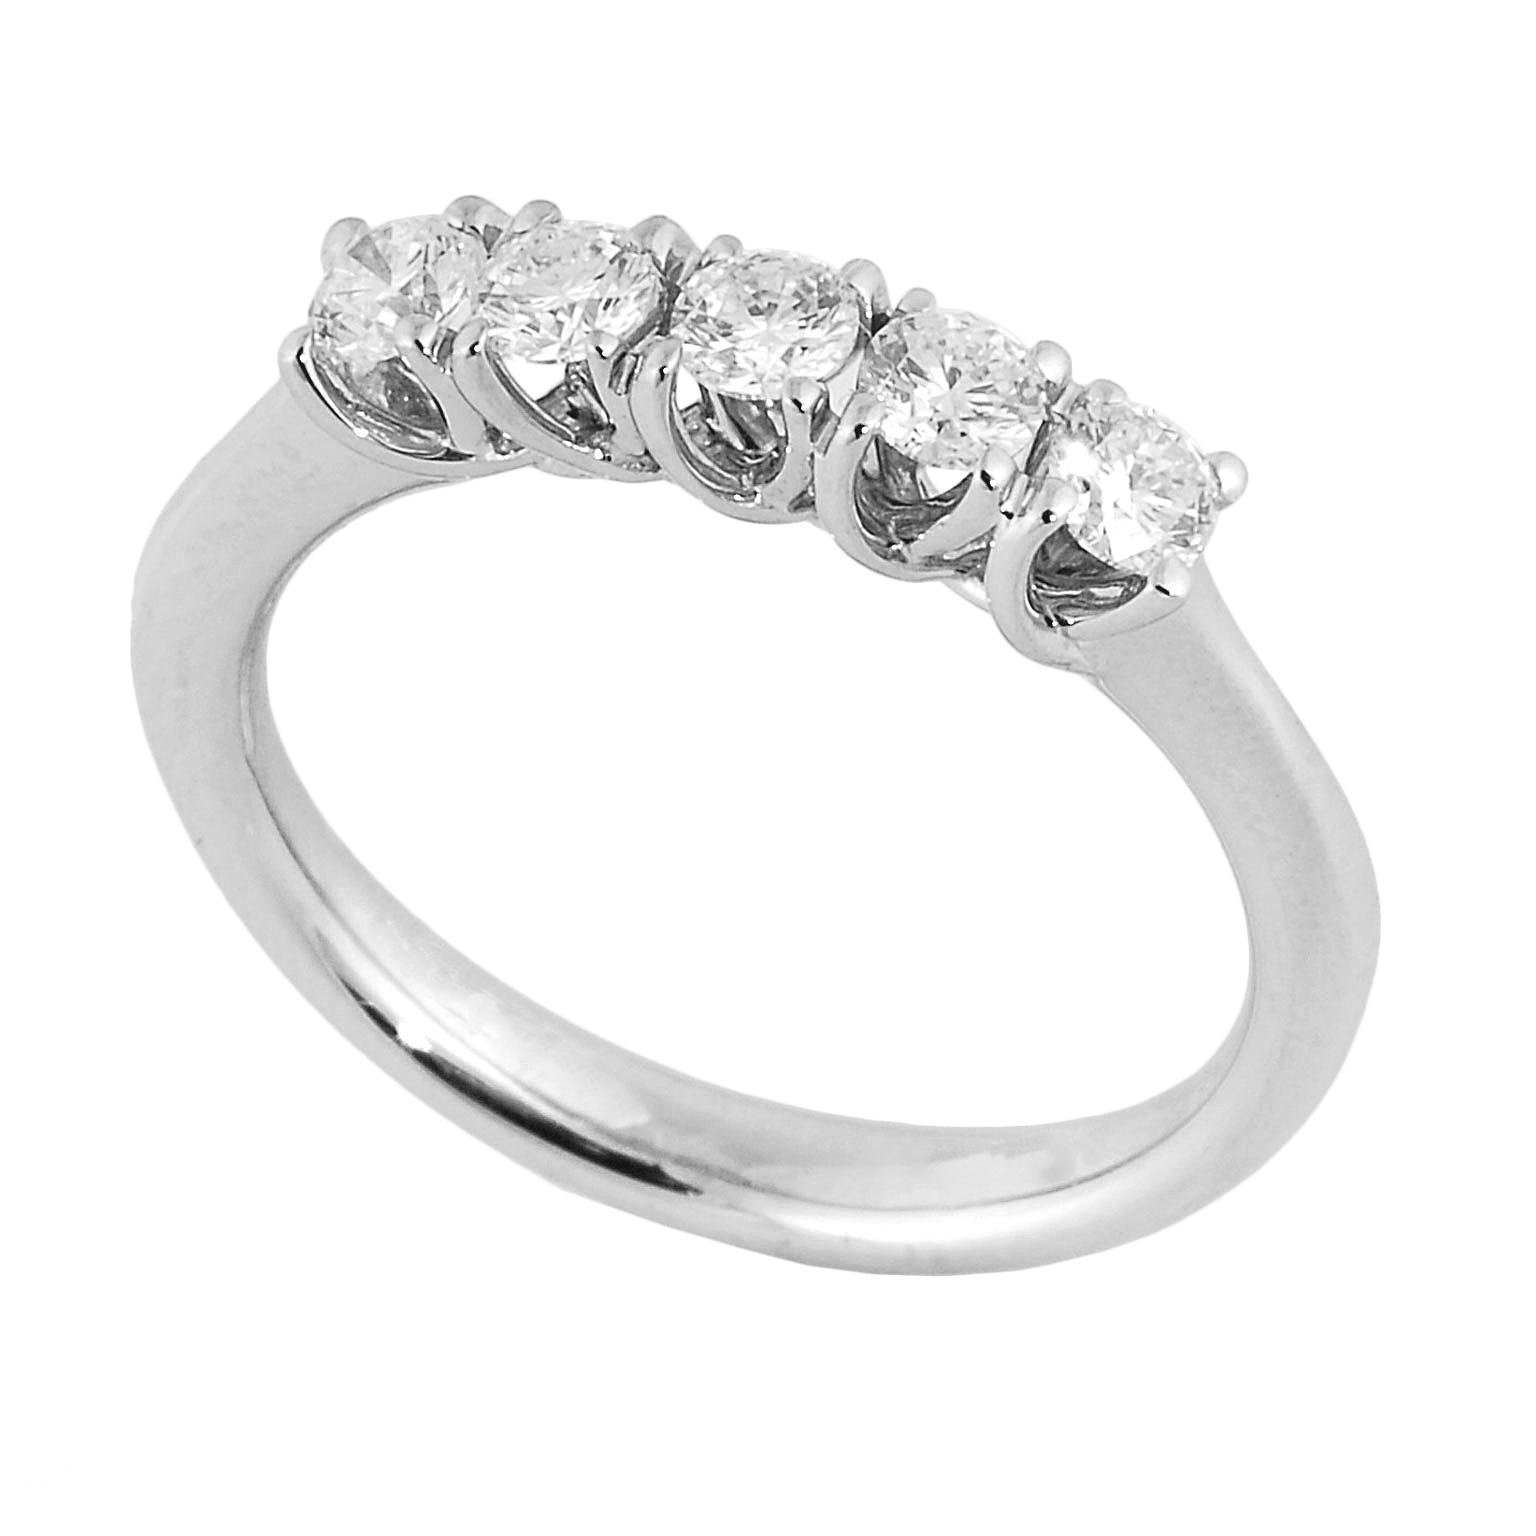 Los Angeles rapporto qualità-prezzo New York Anello riviera grace 5 diamanti | DiamondInvest